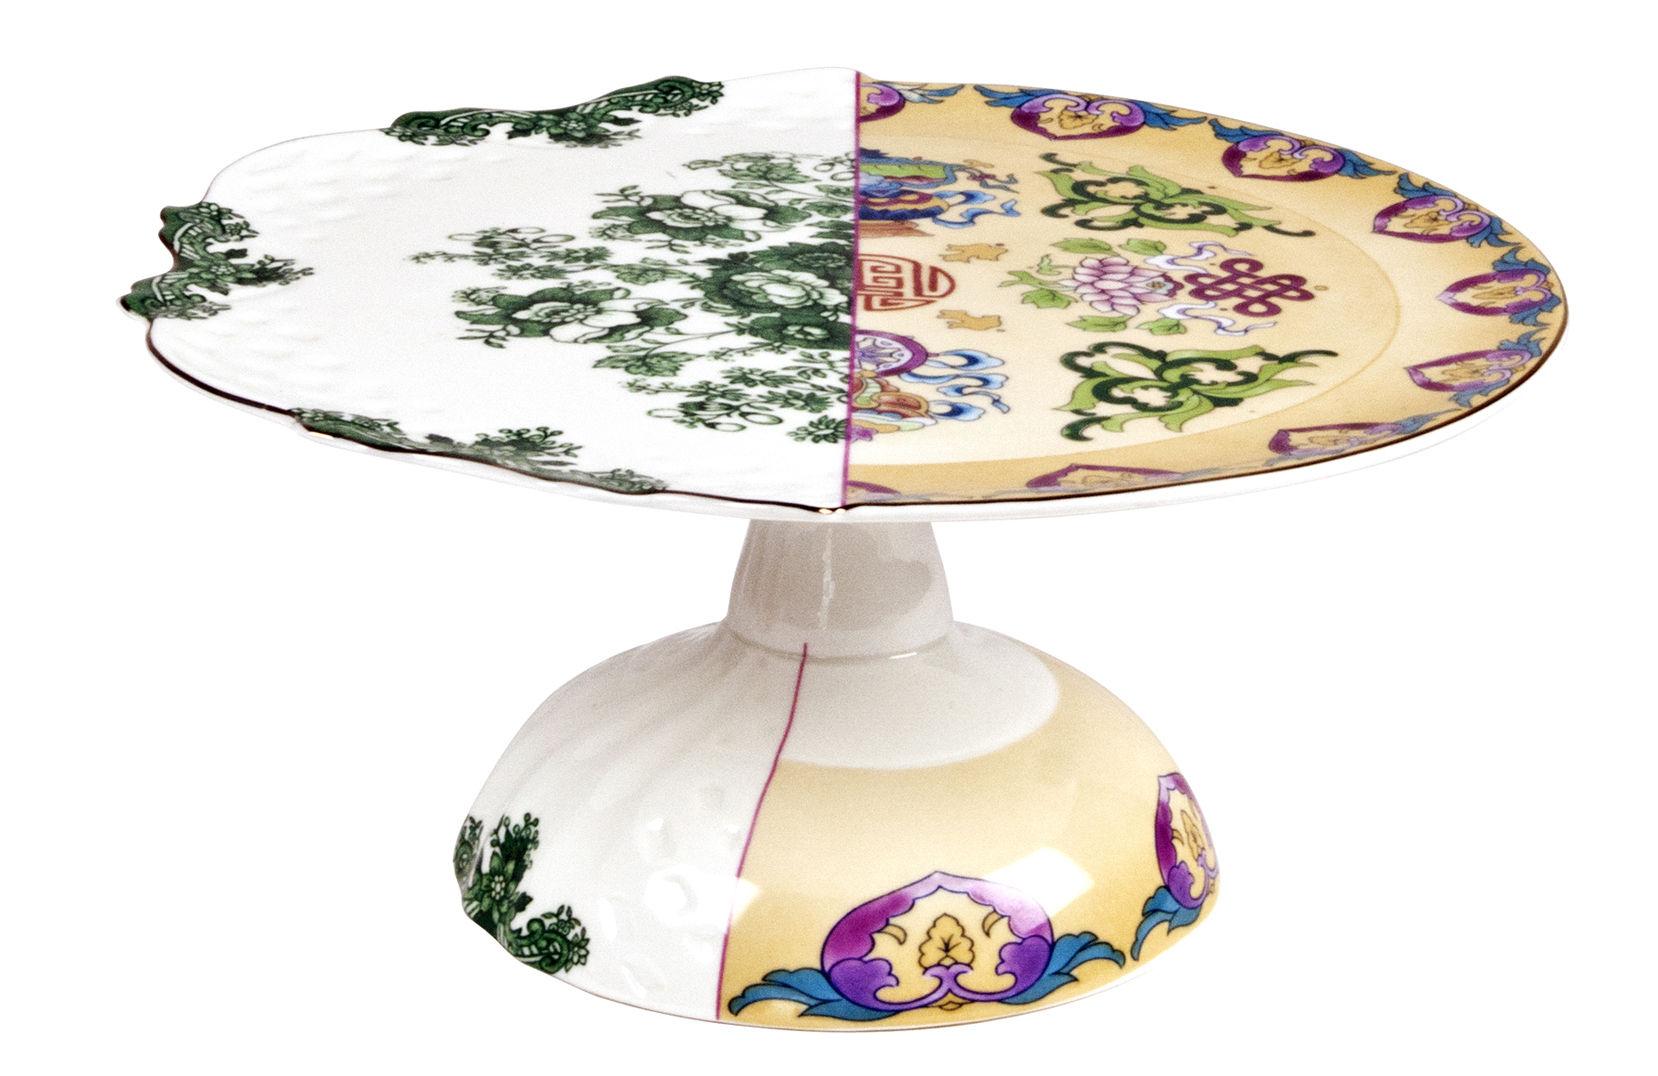 Arts de la table - Plats - Plateau à gâteau Hybrid Raissa / Ø 26 cm - Seletti - Ø 26 cm / Multicolore - Porcelaine Bone China